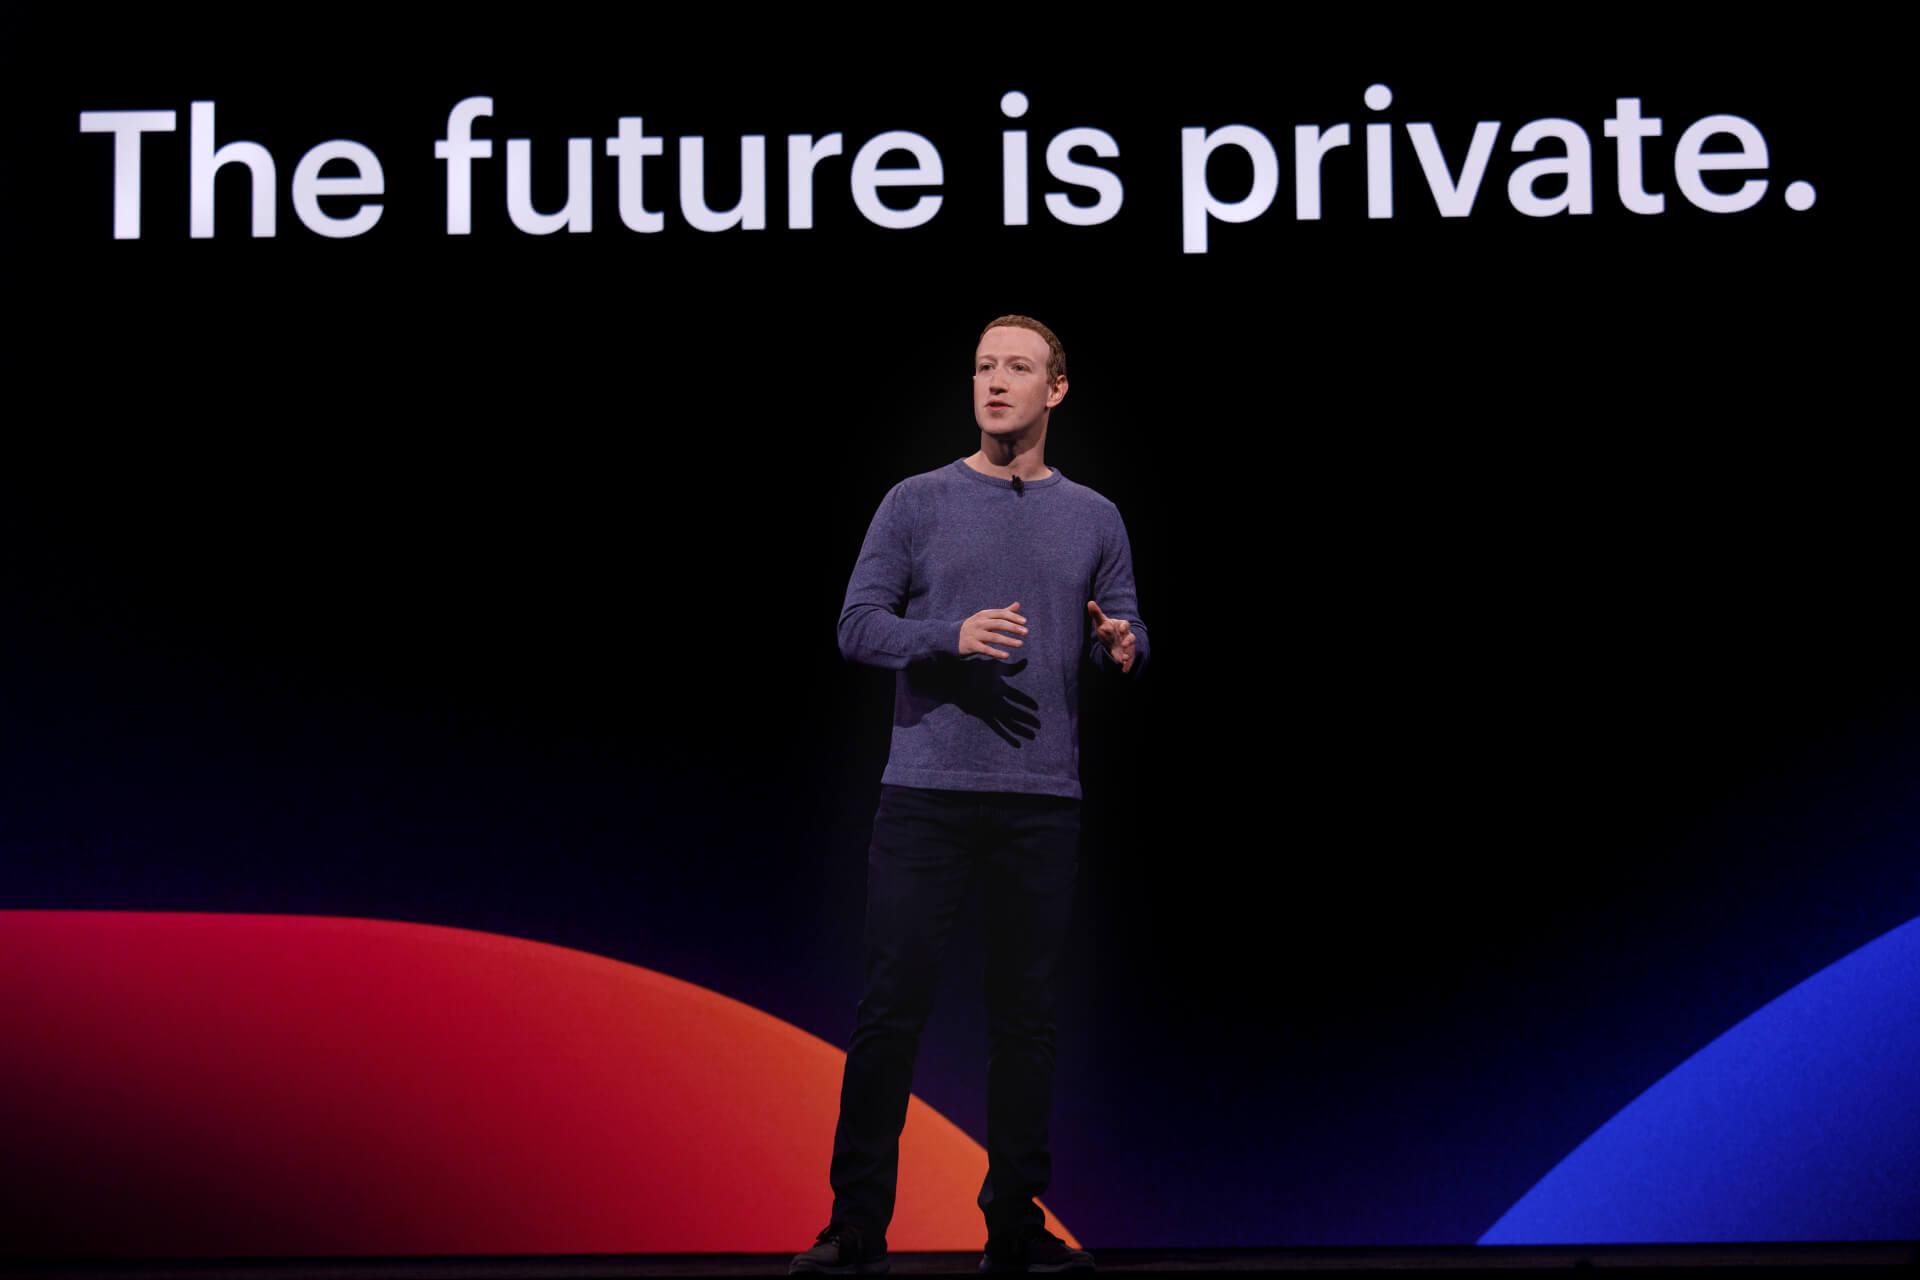 cambios novedades facebook f8 2019 privacidad marck zuckerberg facebook